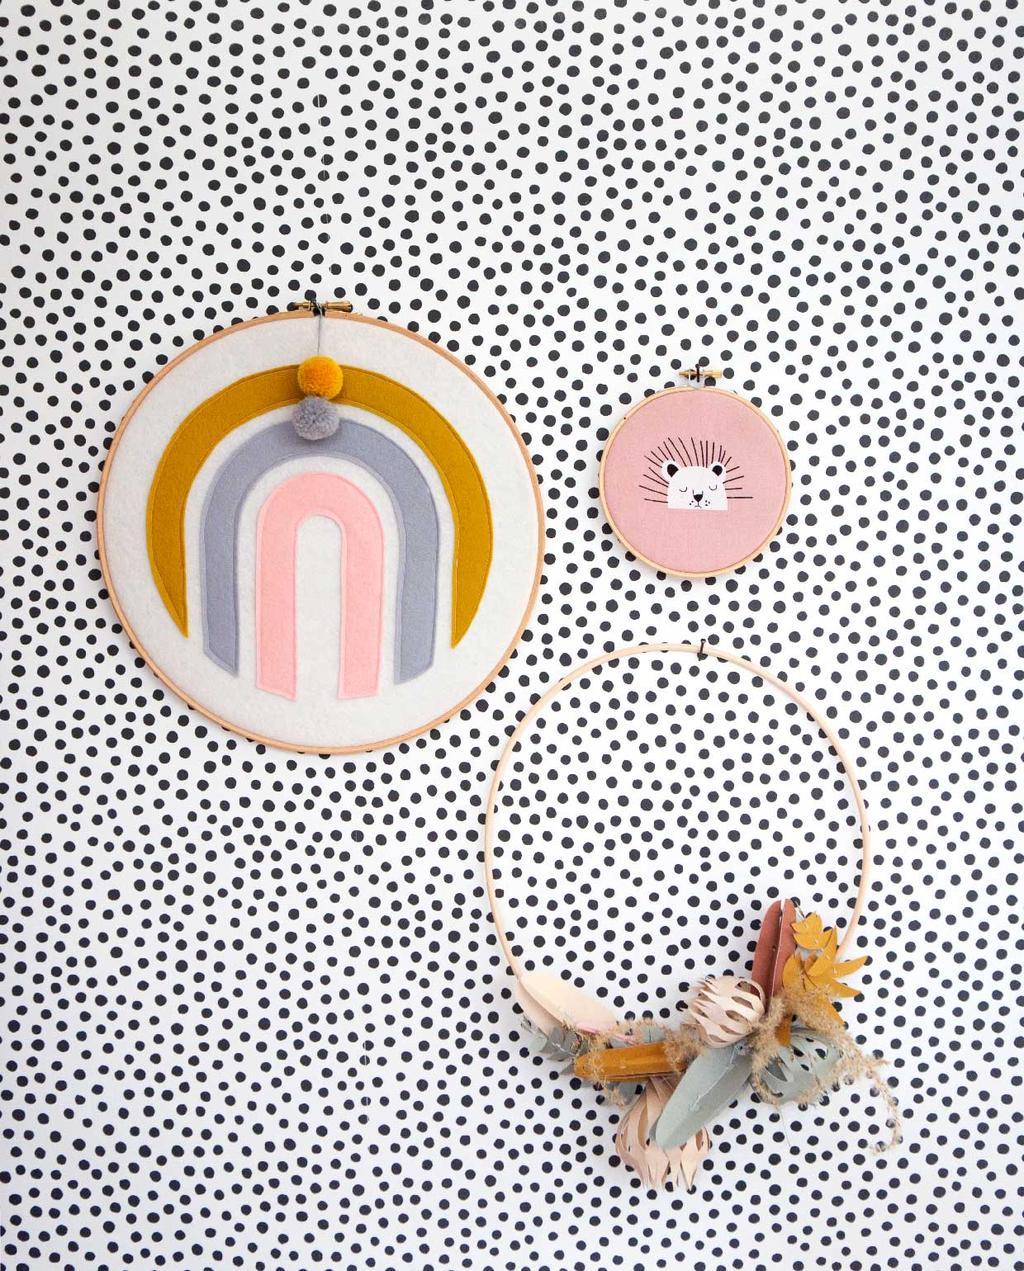 vtwonen 05-2020 | binnenkijken in een herenhuis in Amsterdam | kijkkamer kinderkamer mooie accessoires